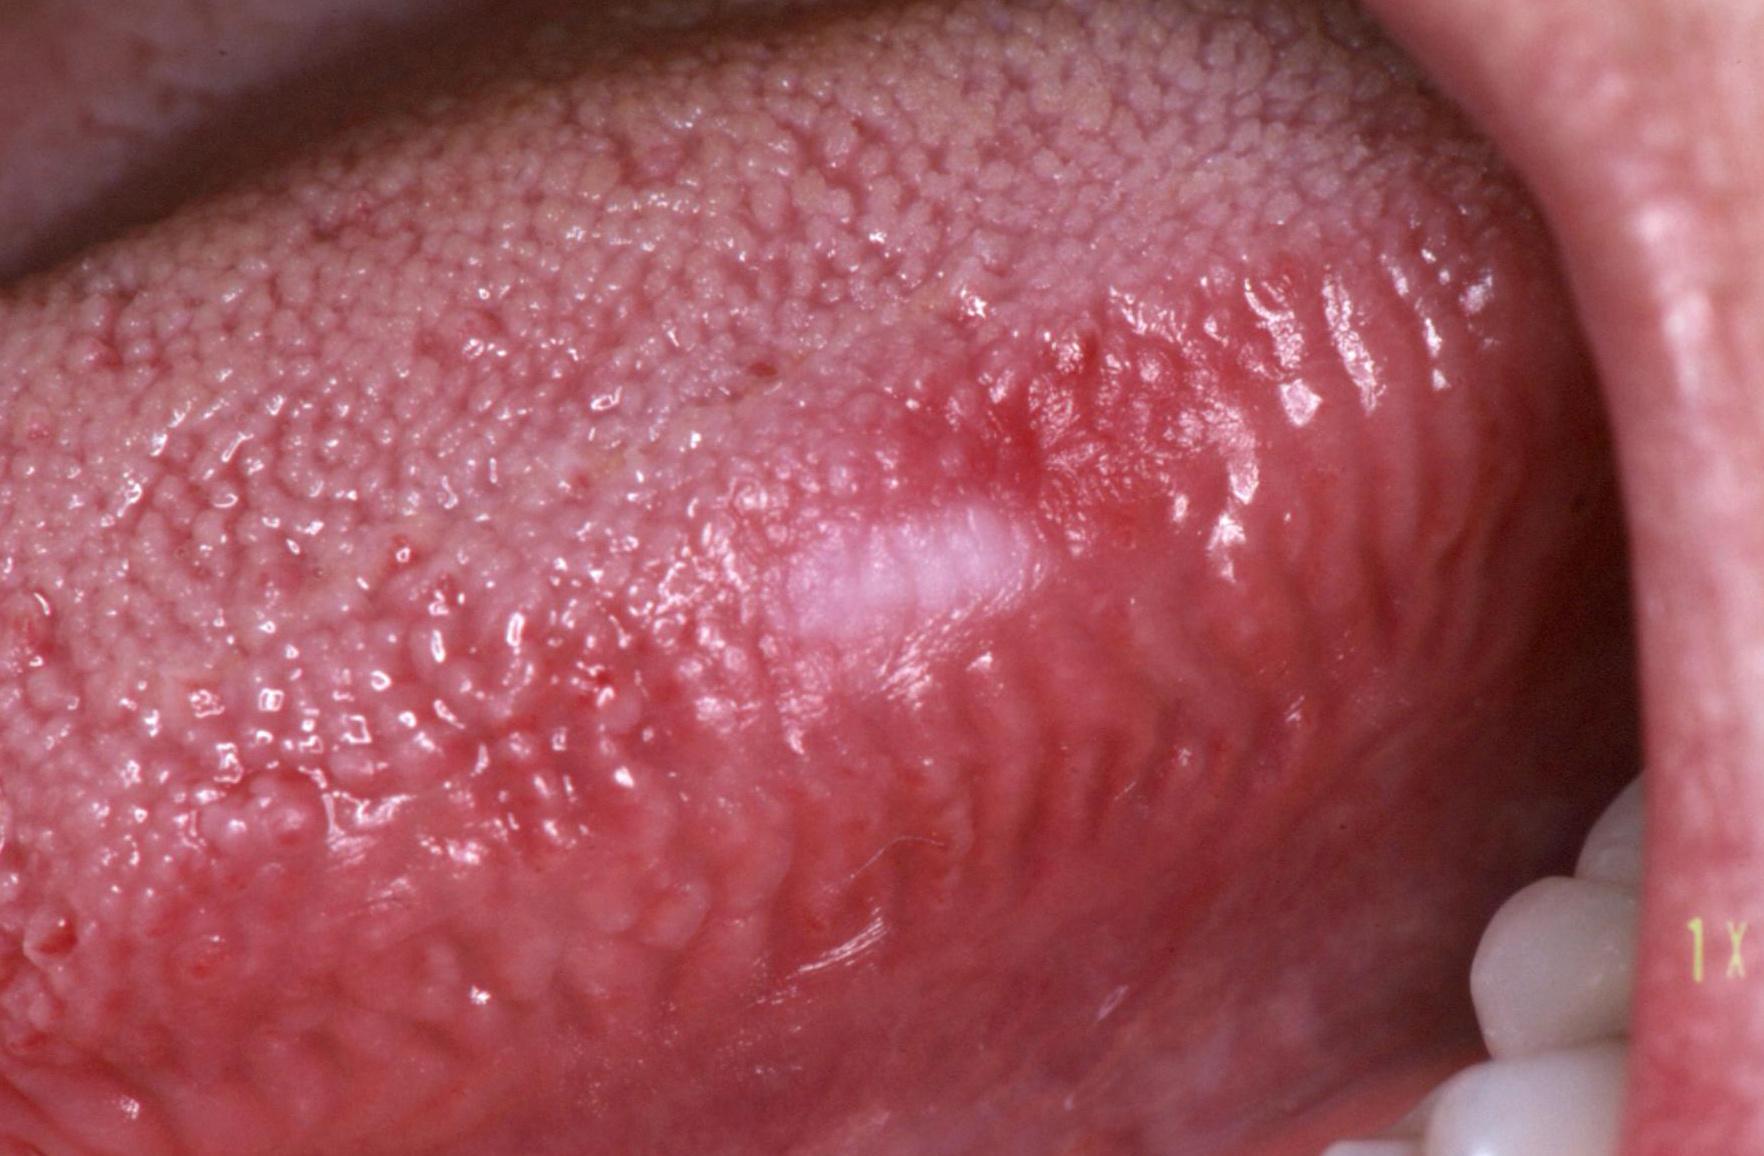 hpv vírus nyelvrák hogyan tudom eltávolítani a pinwormokat